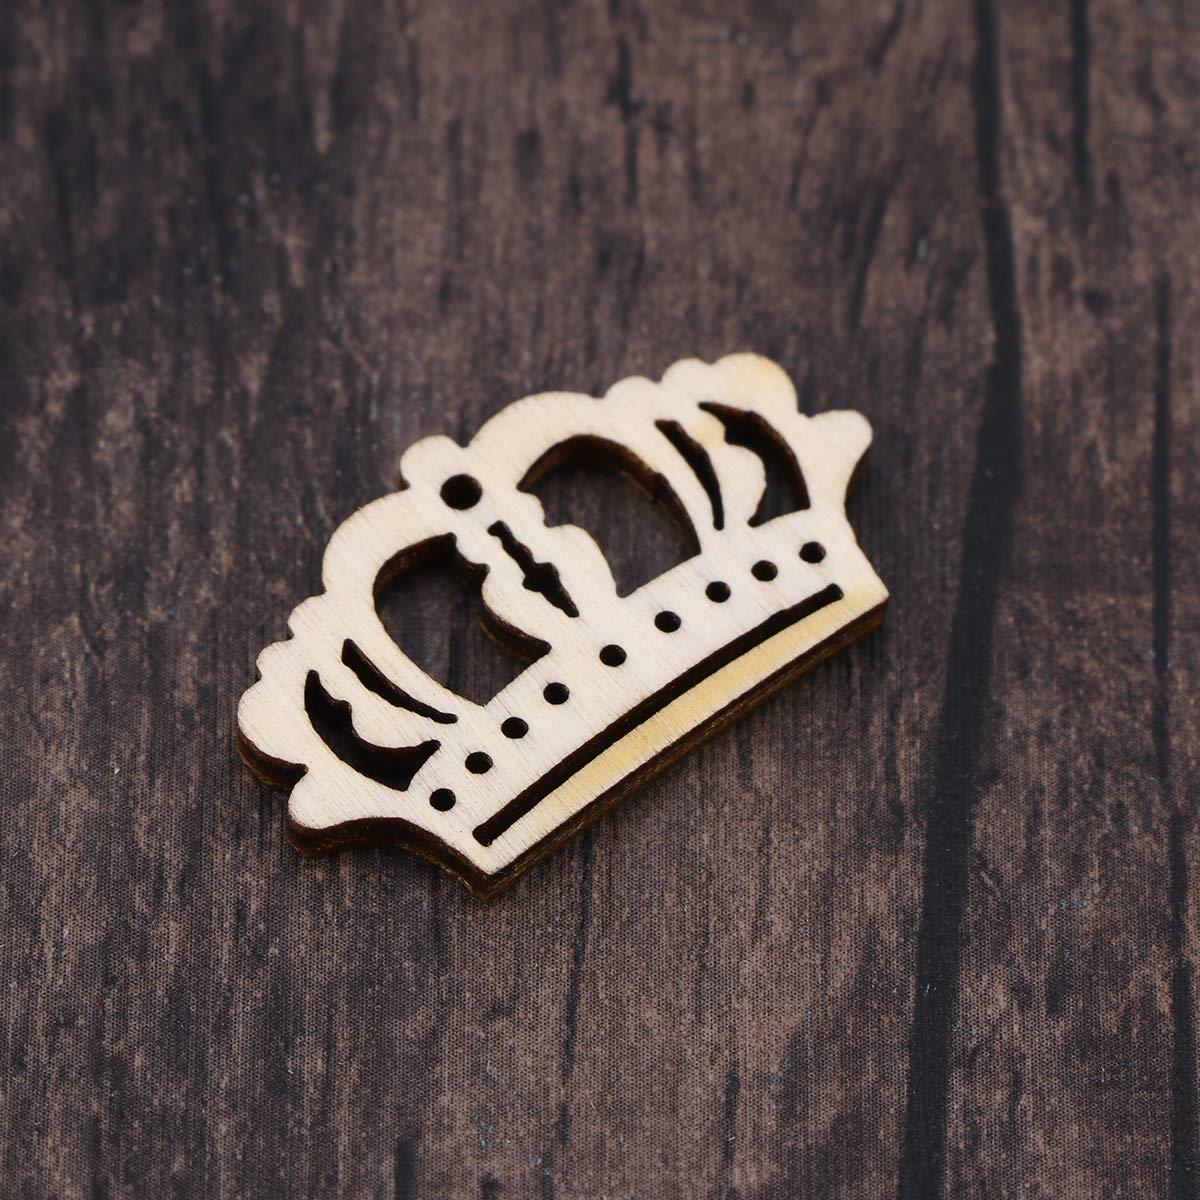 Amosfun 50pcs Forme Legno a Forma di Corona Bambino Albero Log Dischi centrotavola Decorazione per Fai da Te Artigianato